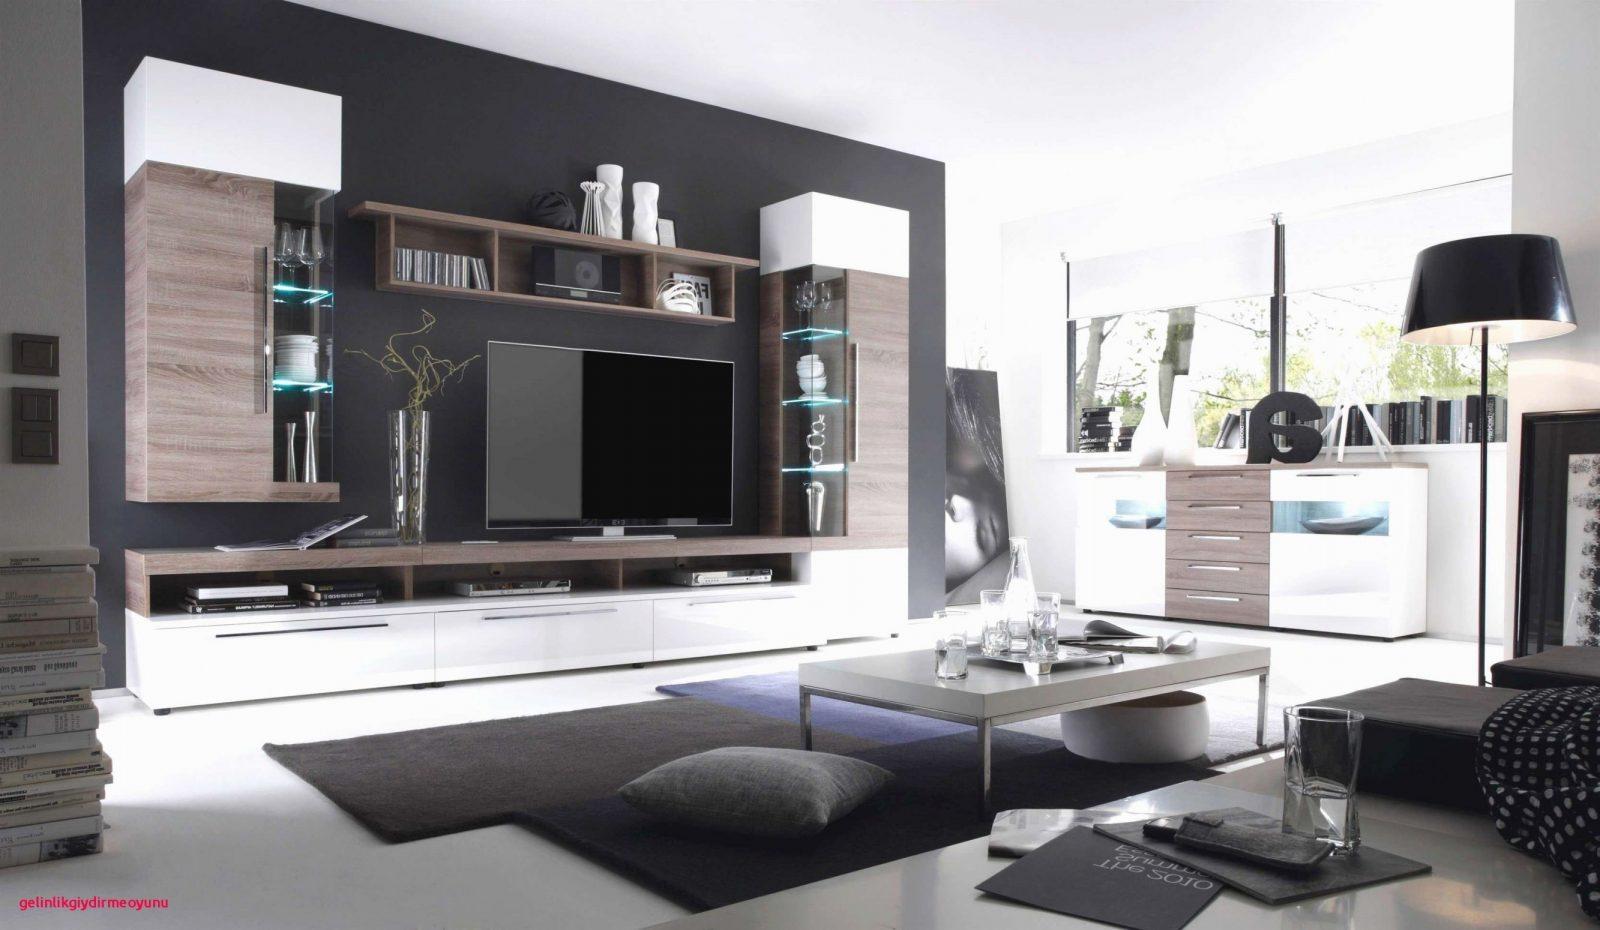 Säule Im Wohnzimmer Gestalten  Wohnzimmer Gestalten Farbe Fotos von Säule Im Wohnzimmer Gestalten Bild